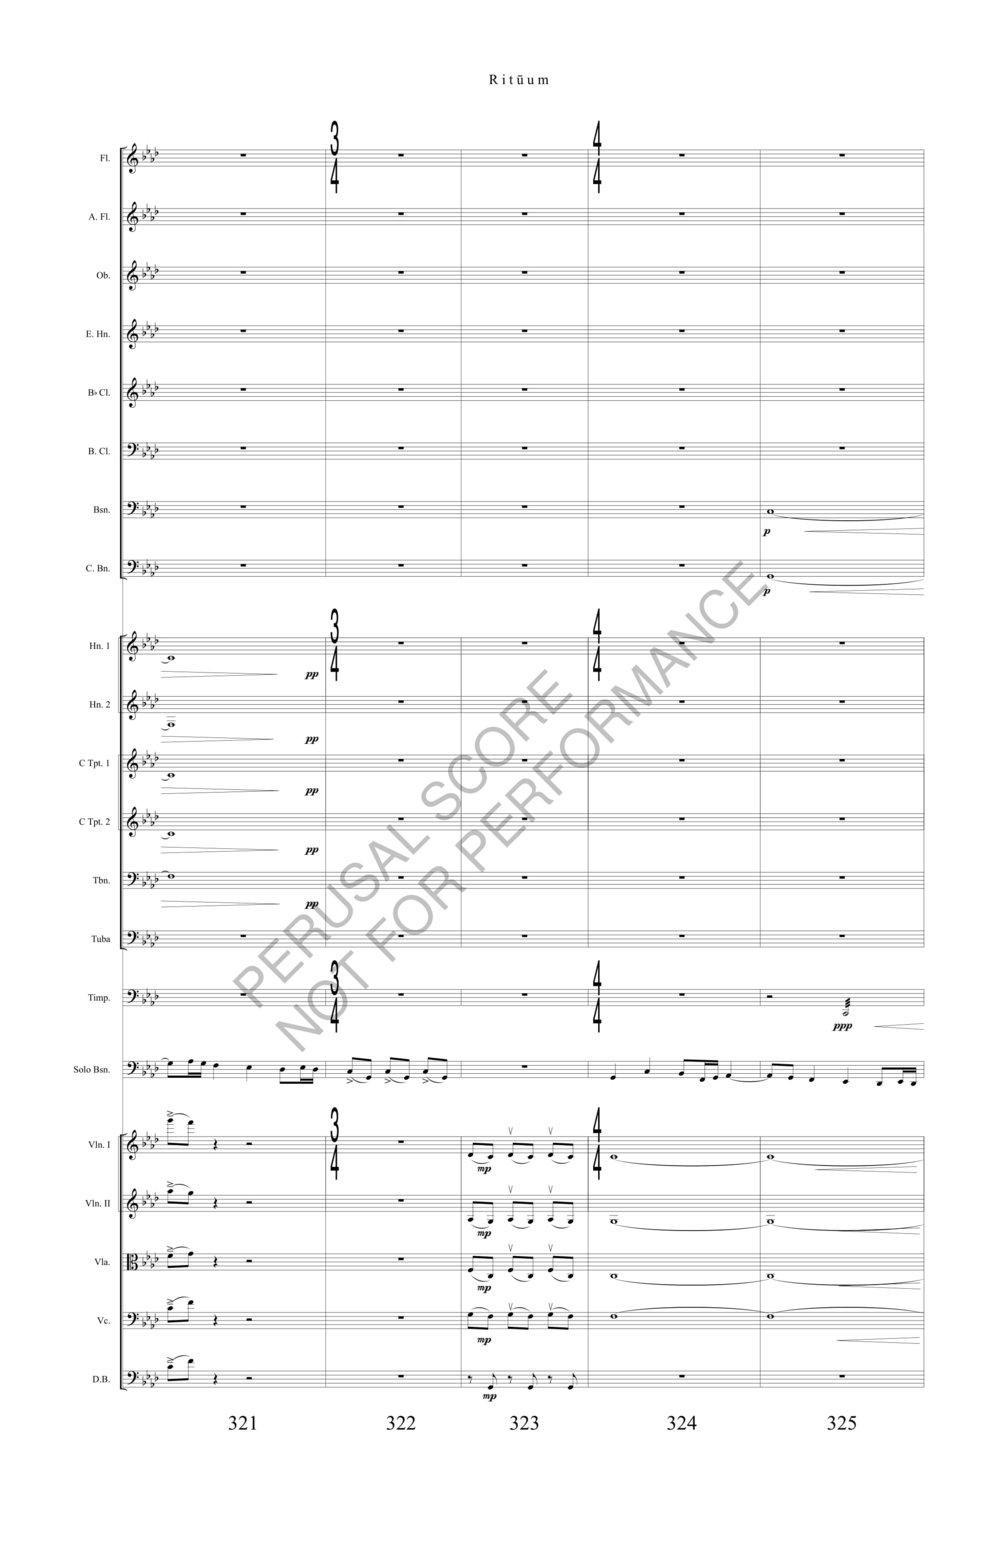 Boyd Rituum Score-watermark (1)-73.jpg